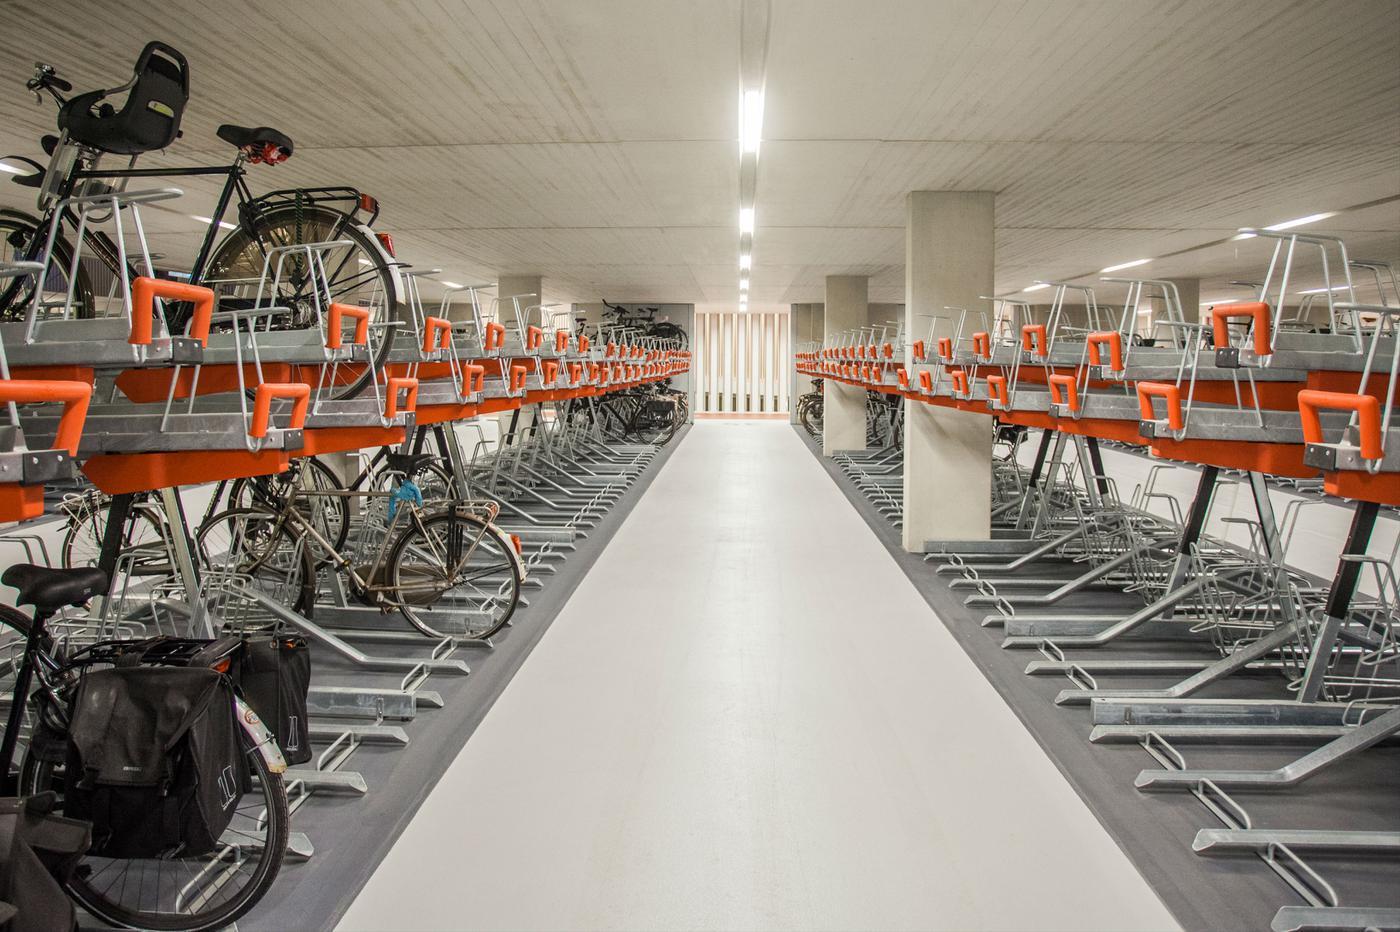 Verwijderen foutgeparkeerde fietsen